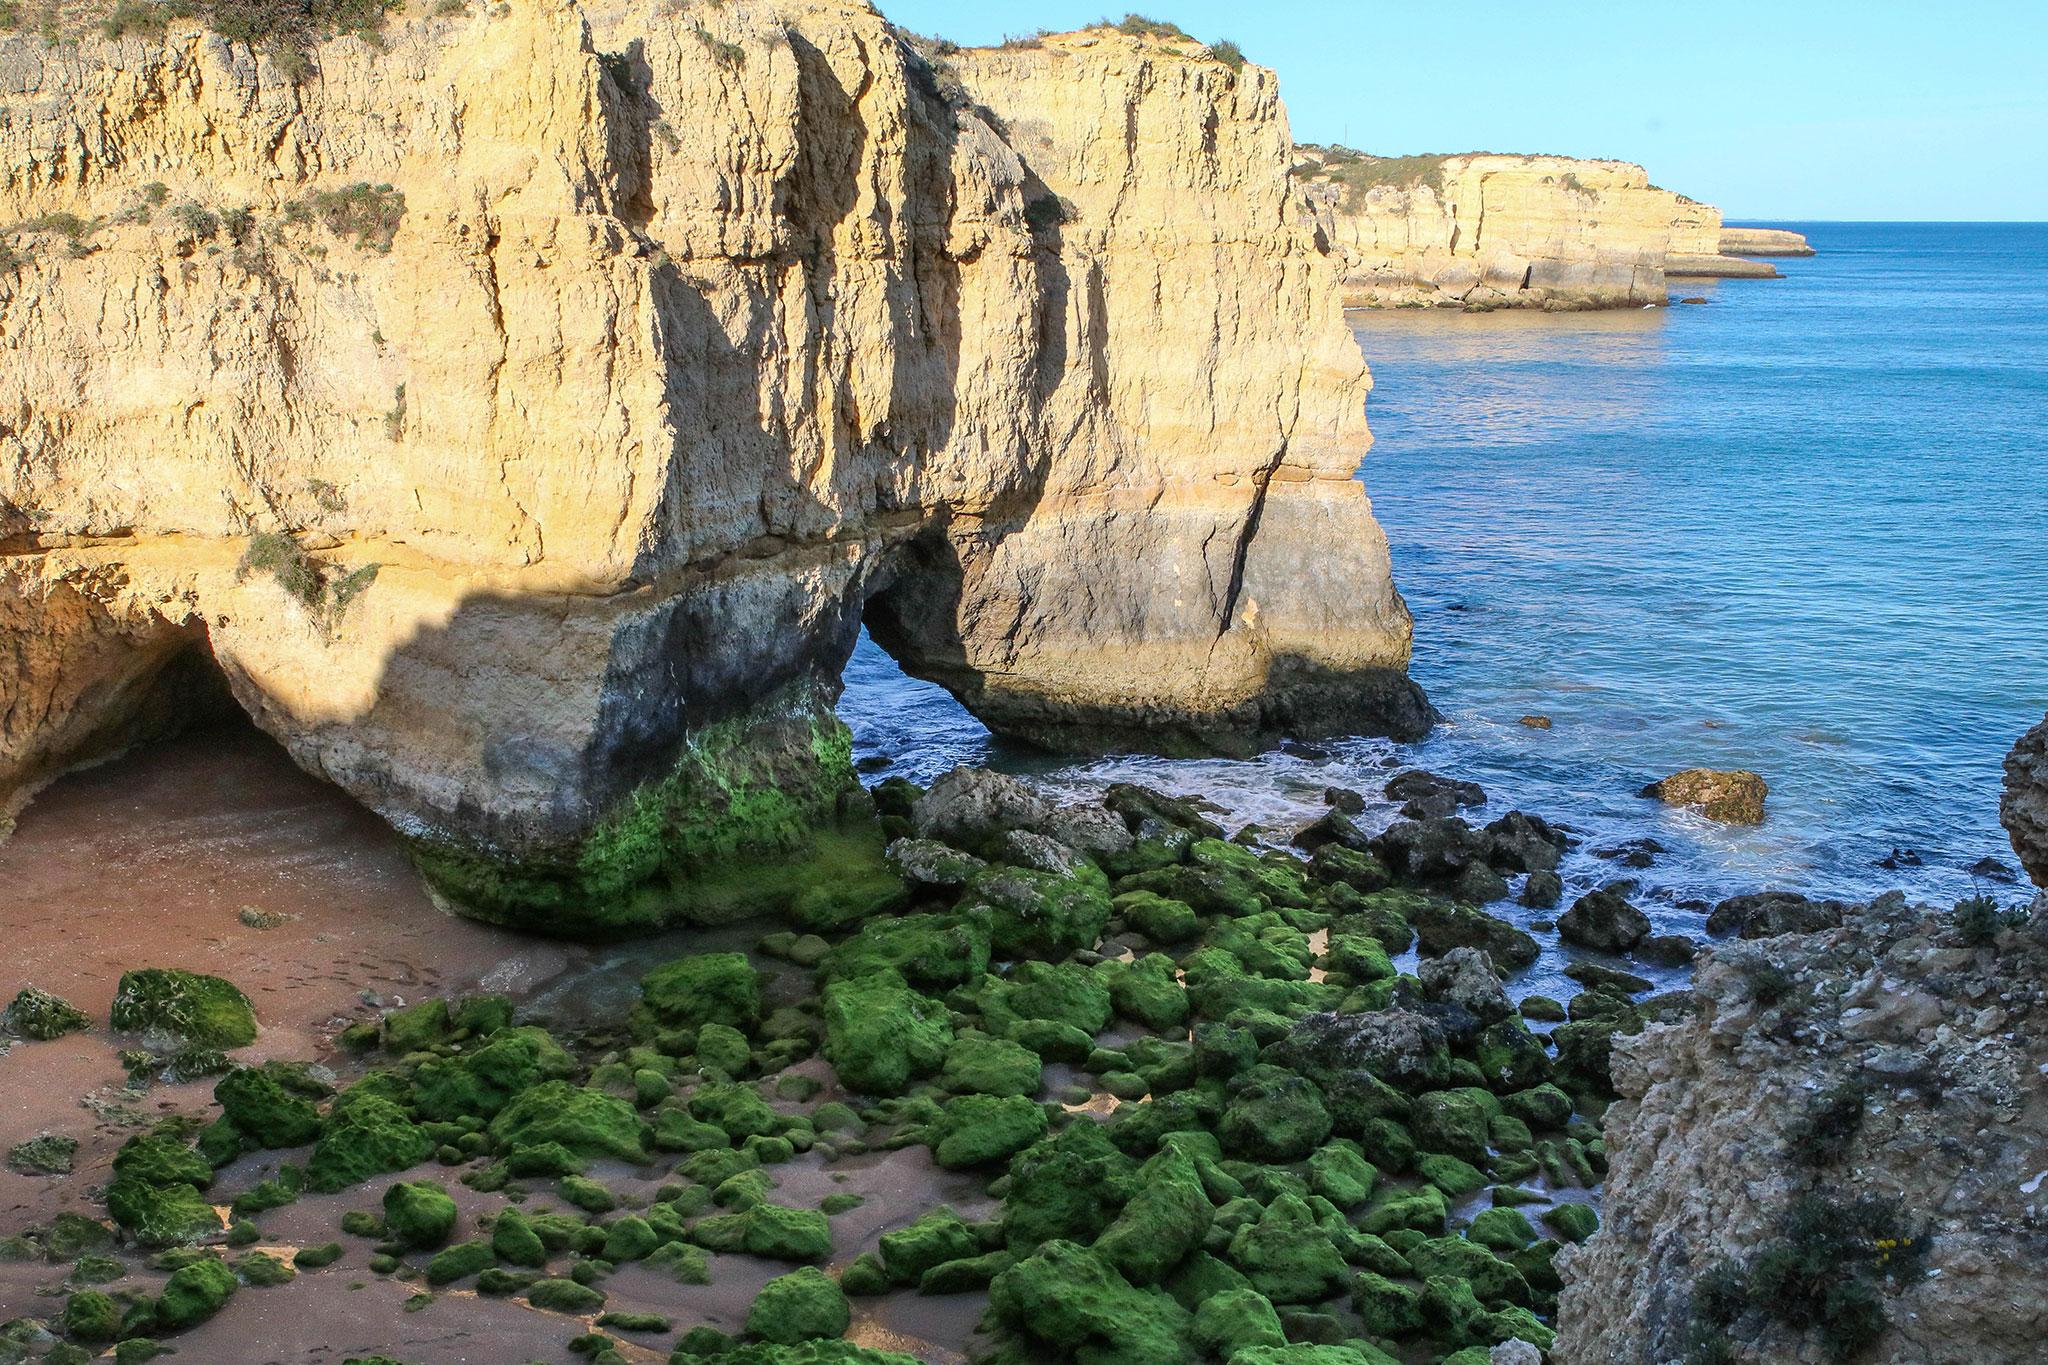 Algarve-albufeira-praia-da-fraternidade-tour-happyvan-trips